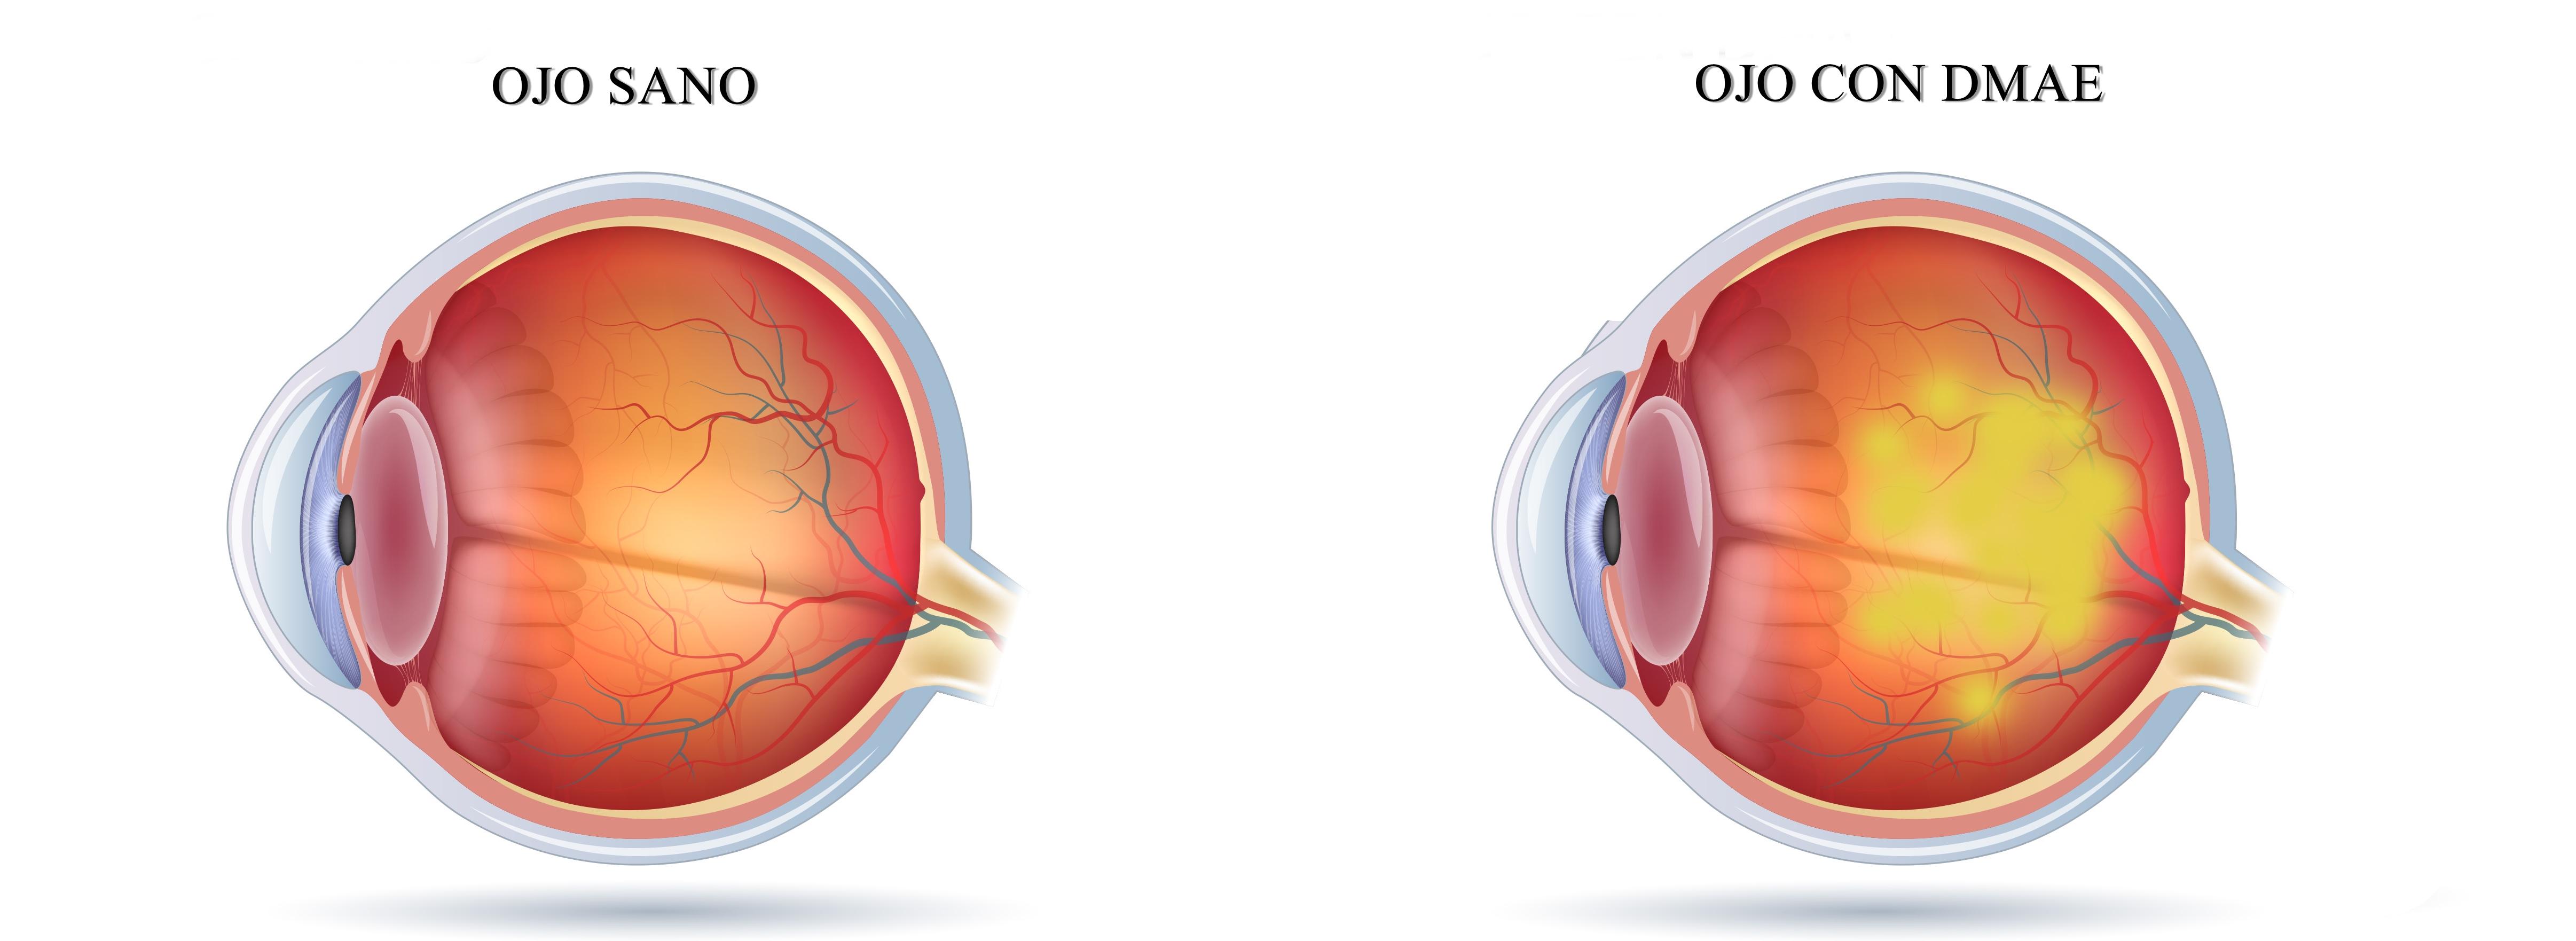 ojo con degeneración macular dmae